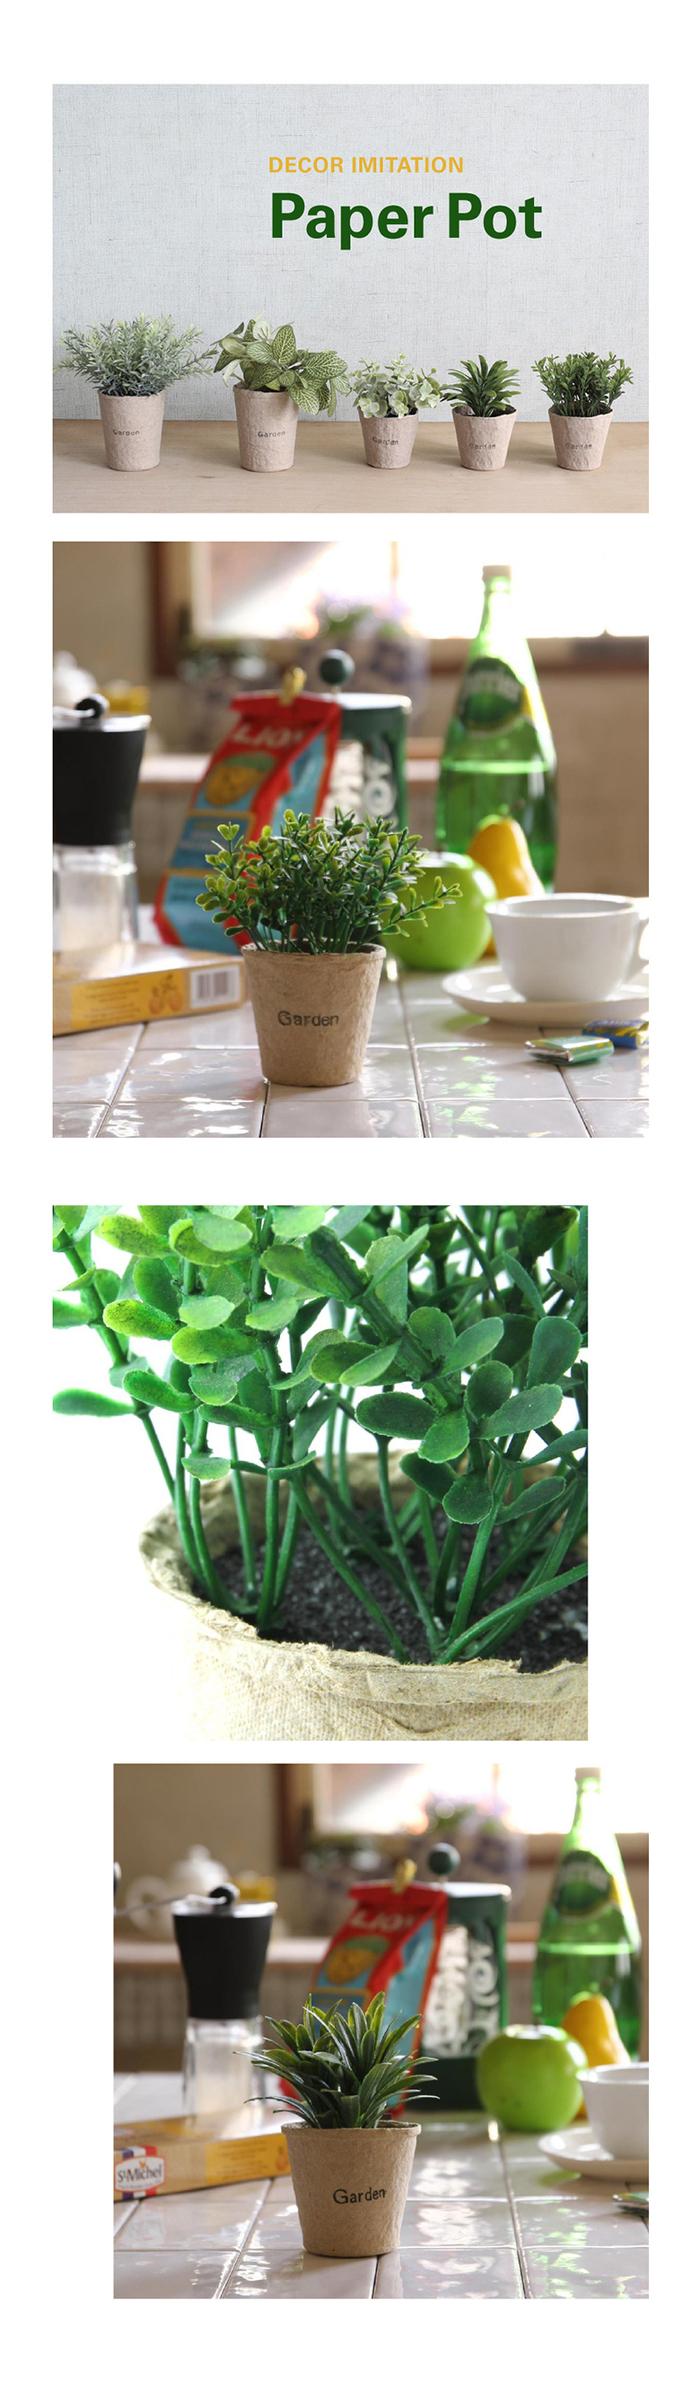 (複製)(複製)SPICE|日本超仿真 人造綠色植物 -多肉植物(玻璃盆栽D)